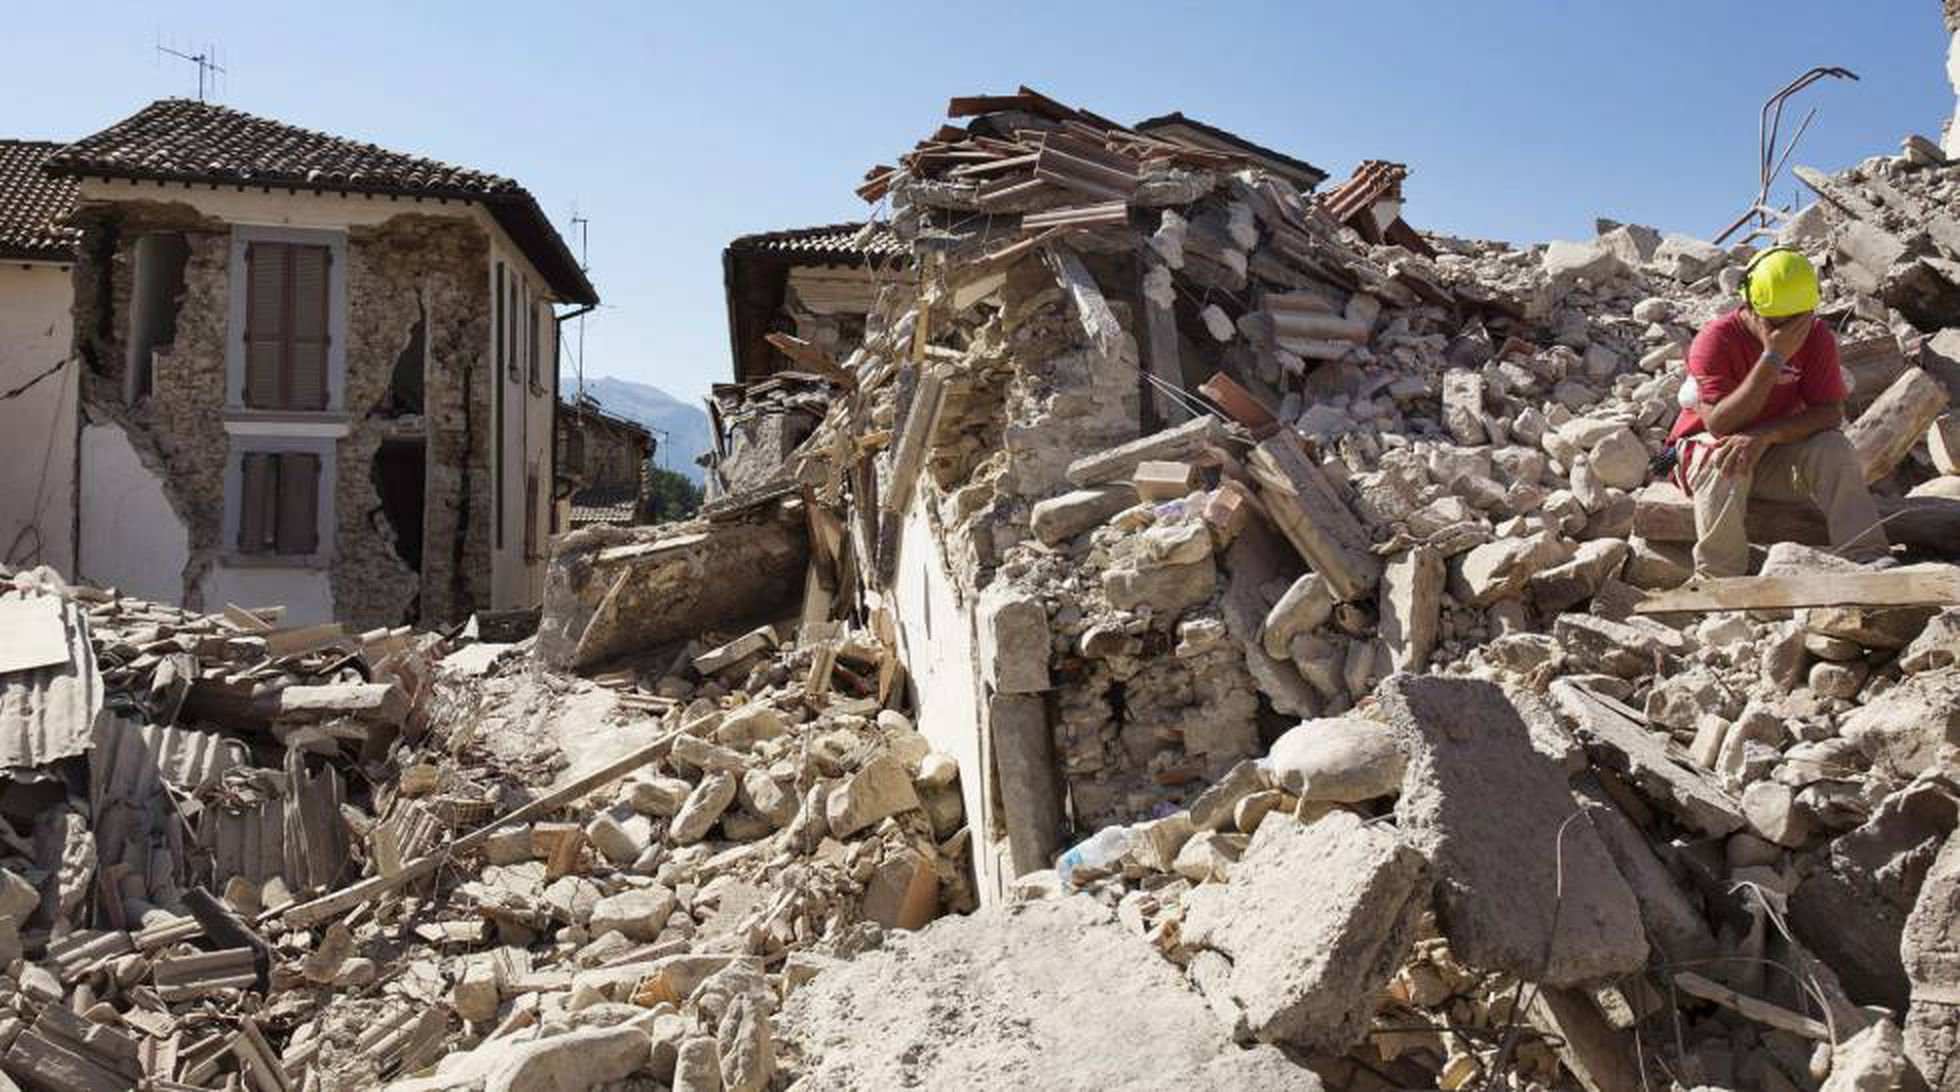 Cómo Hacer Edificios Que Resistan Terremotos Ciencia El País